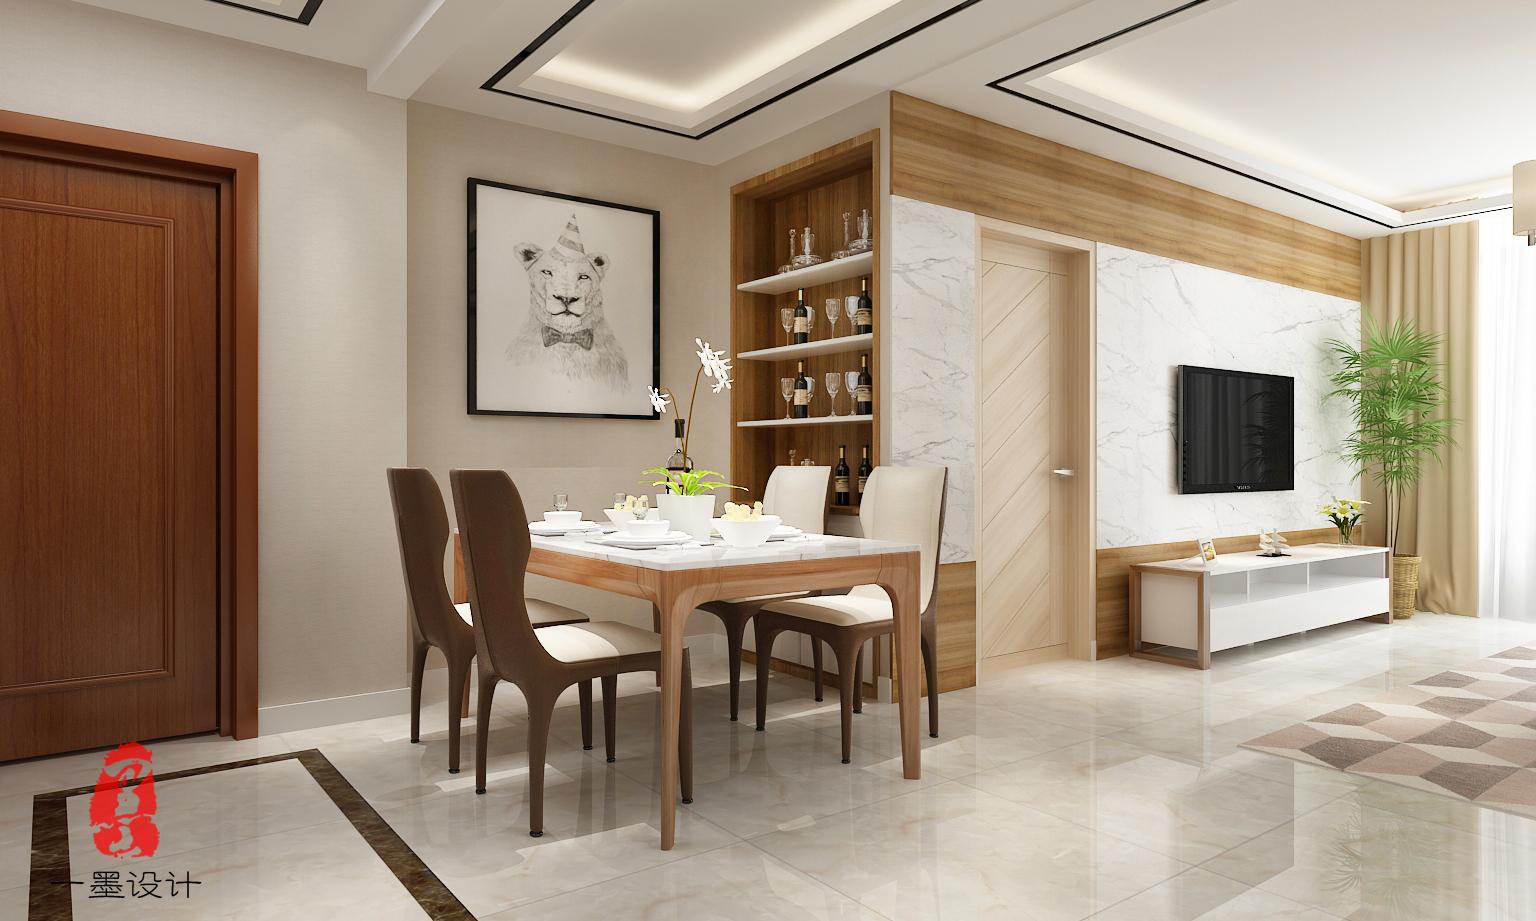 太湖明珠苑现代简约风格设计三居装修效果图